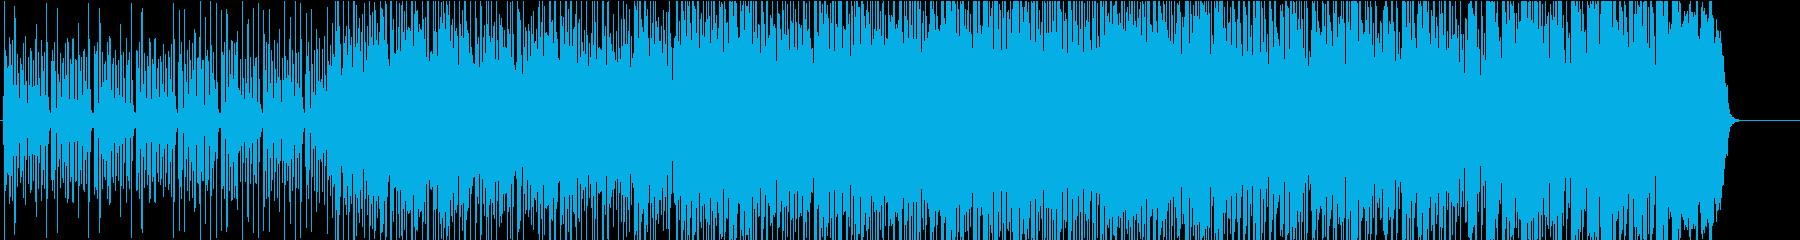 前向きなマーチ風ジングルの再生済みの波形